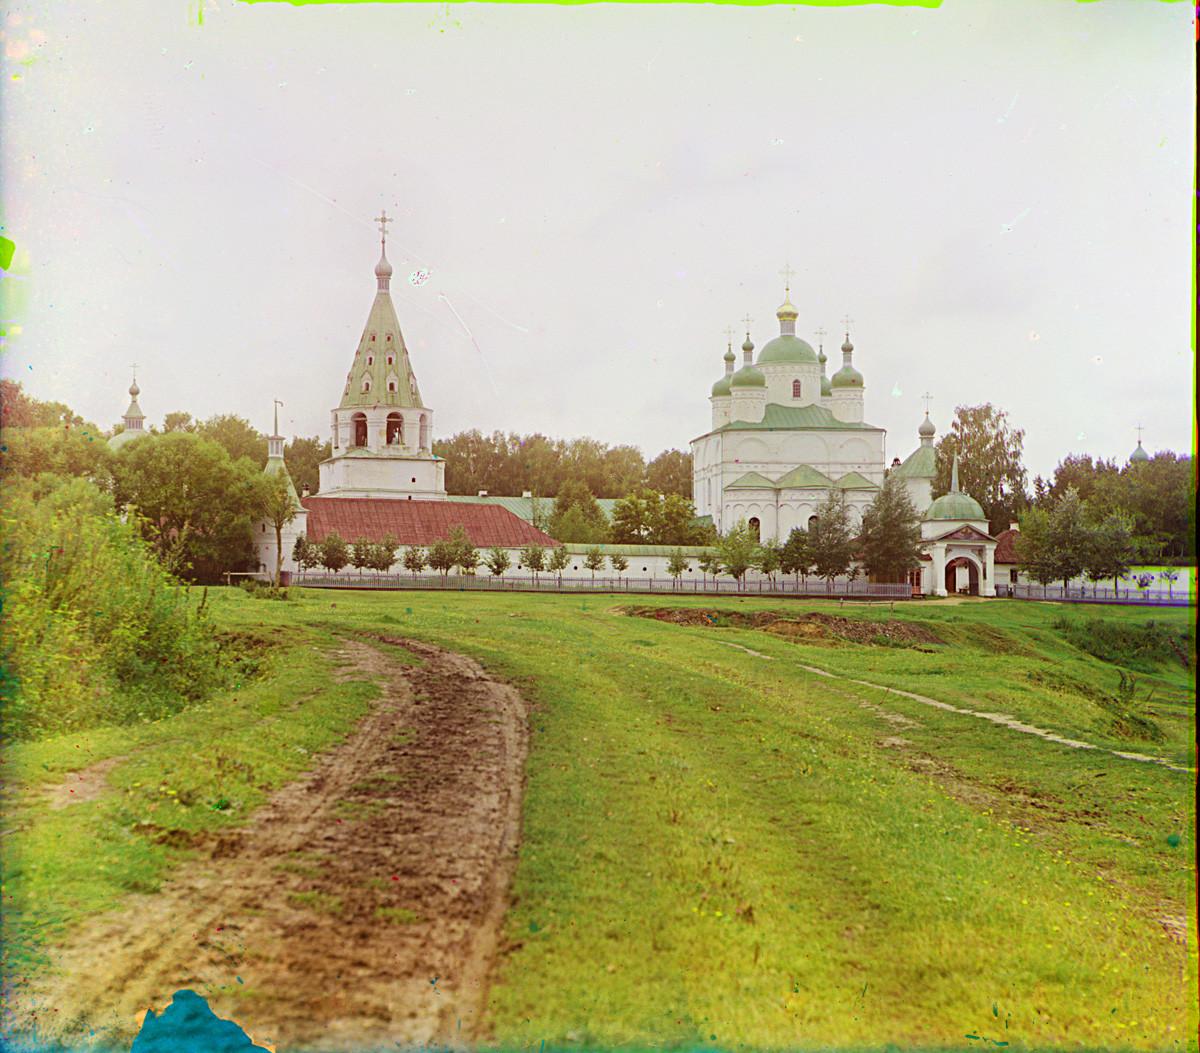 Monastero Luzhetskij della Natività della Vergine di San Teraponte, vista est. Da sinistra: Campanile, Cattedrale della Natività, Chiesa di San Teraponte (demolita), Porta orientale. Estate 1911